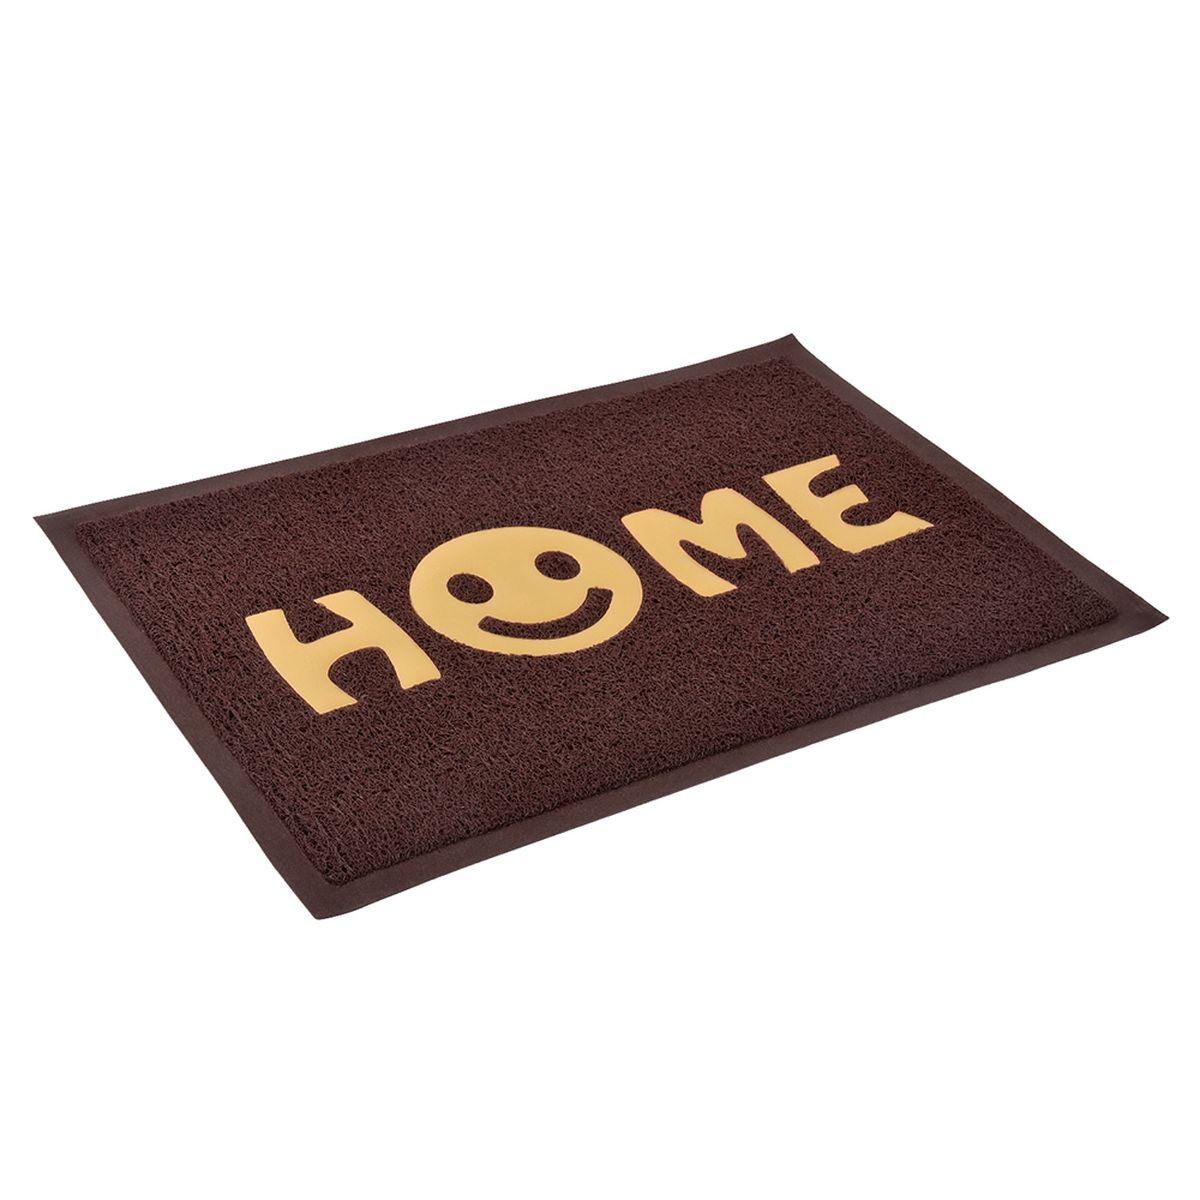 Коврик придверный Vortex Home, пористый, 40 х 60 см22405Ворс коврика Vortex изготовлен из полимерного материала.Коврик Vortex гармонично впишется в интерьер вашего дома и создаст атмосферу уюта и комфорта. Изделие отлично подойдет как для использования в доме, так и снаружи.